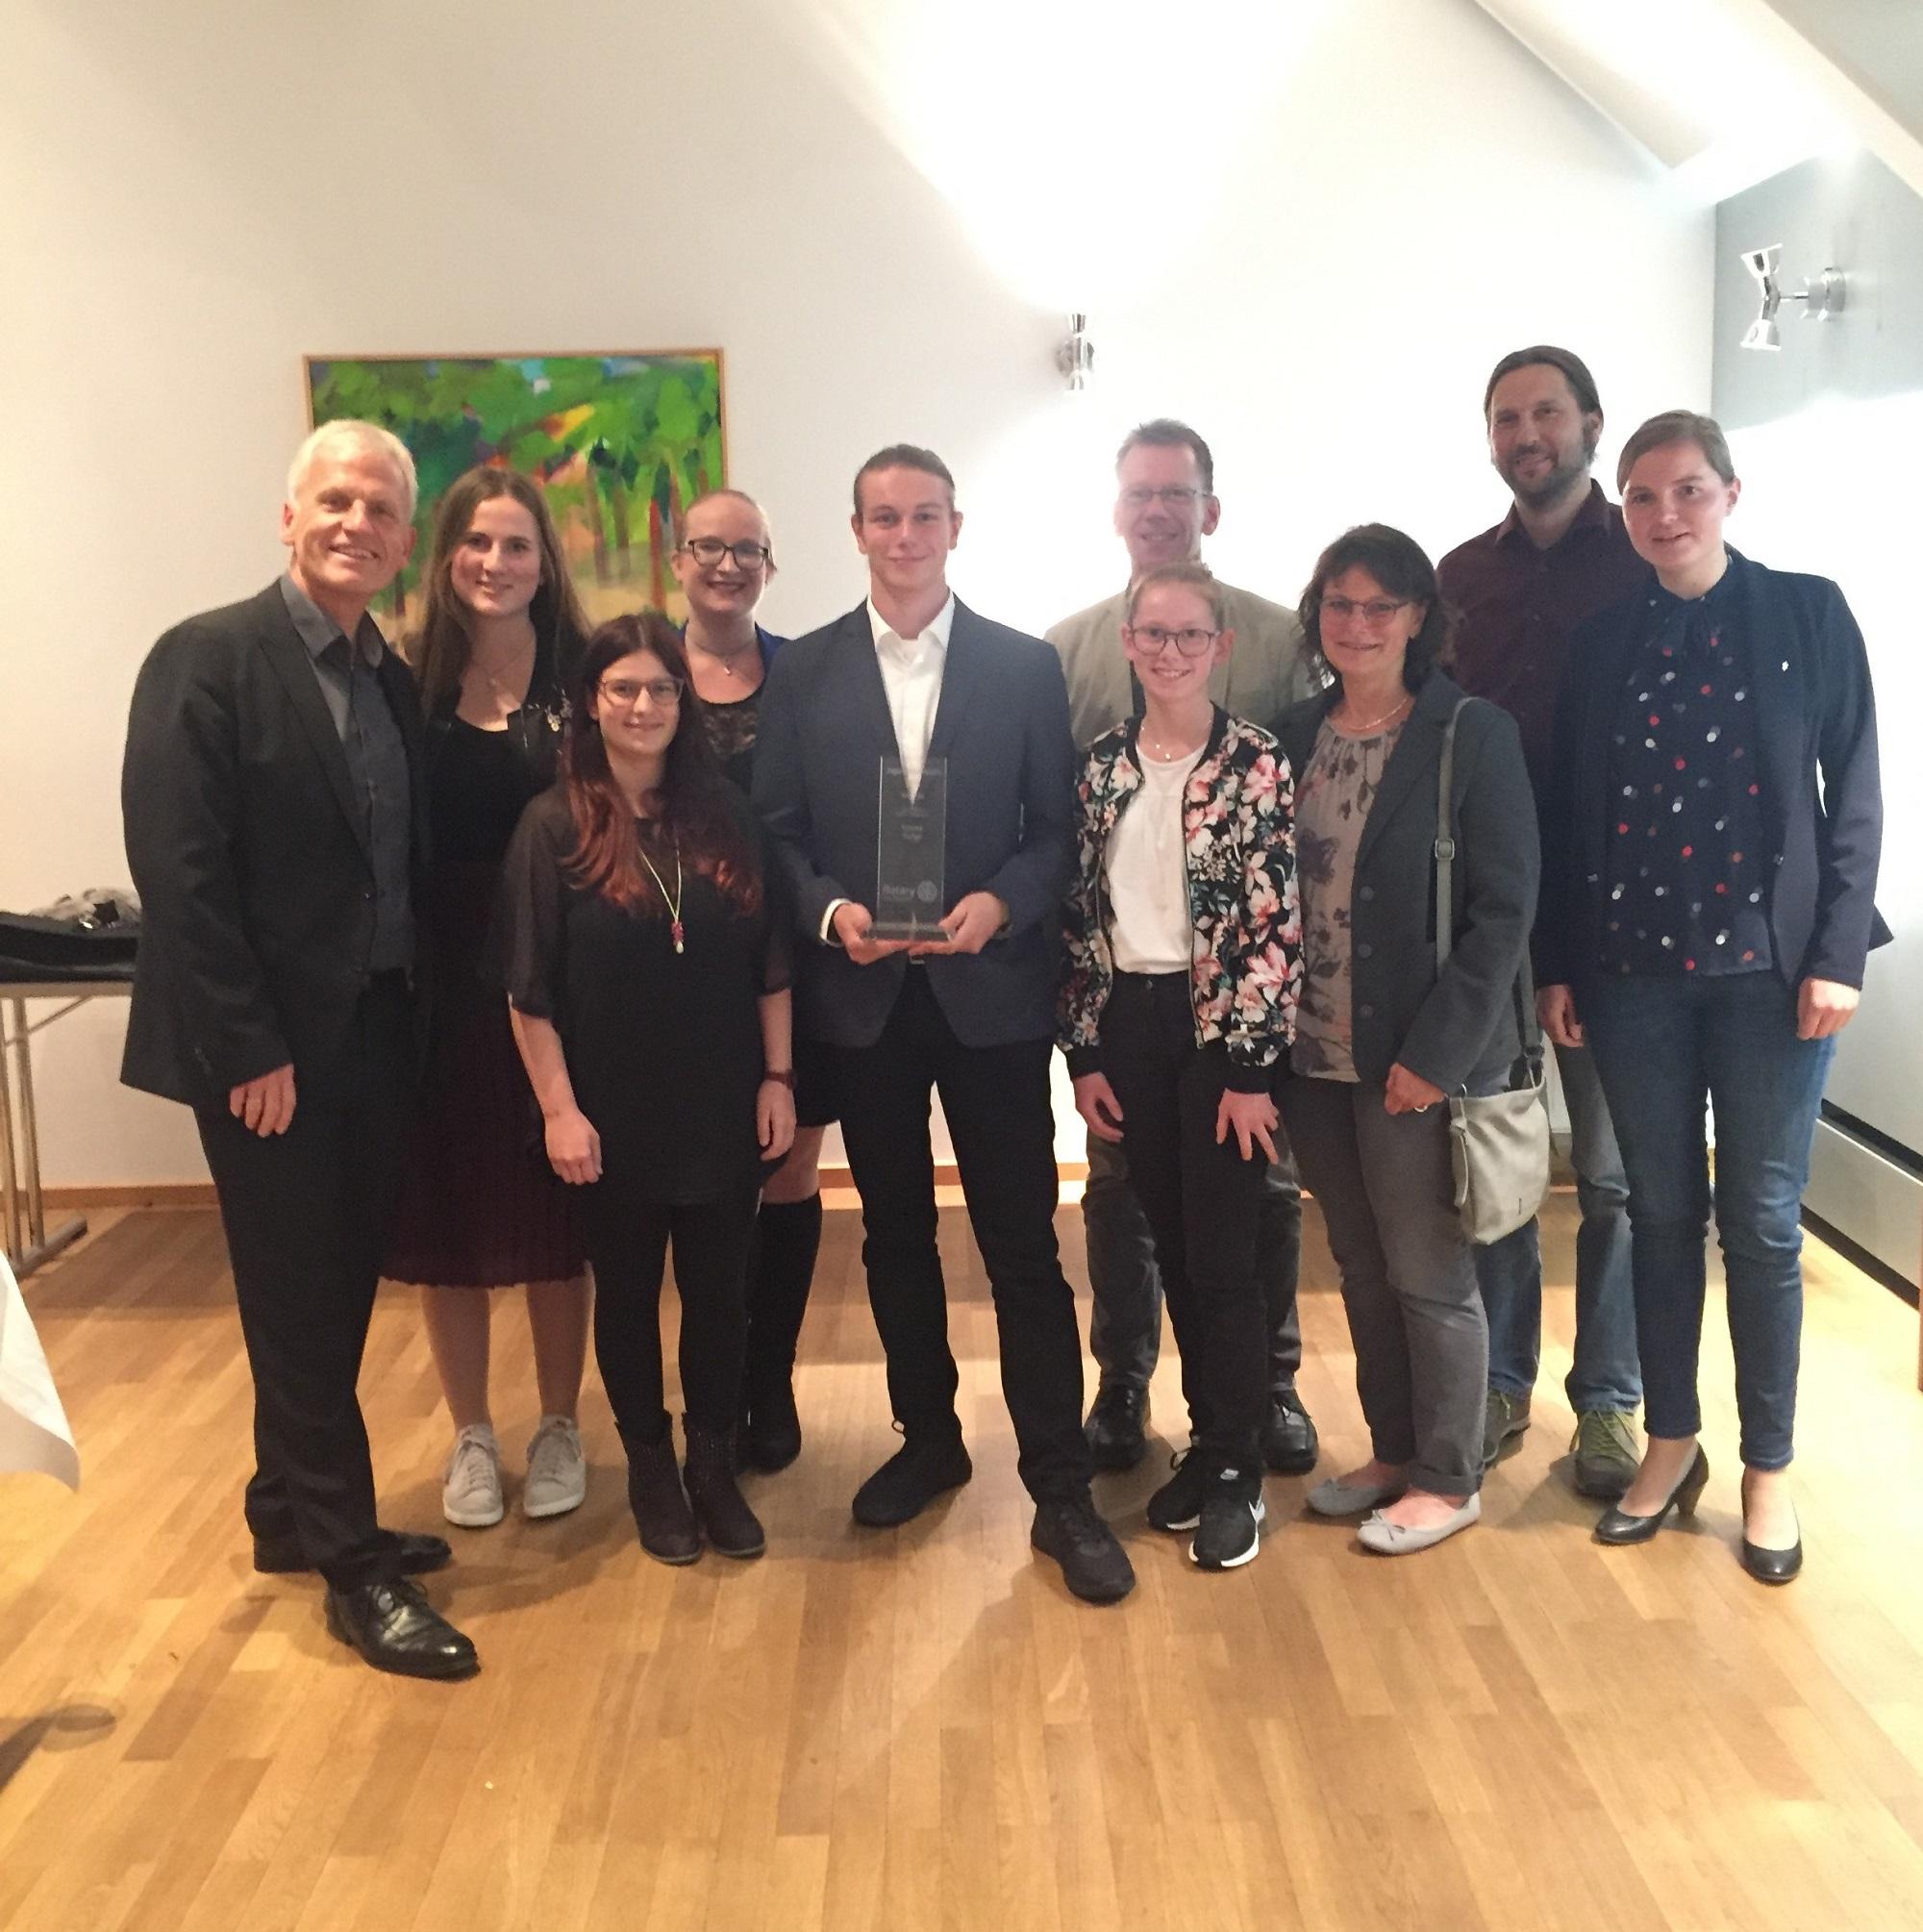 Jugendsozialpreis des Rotary Club Traunstein für Yannick Surkau